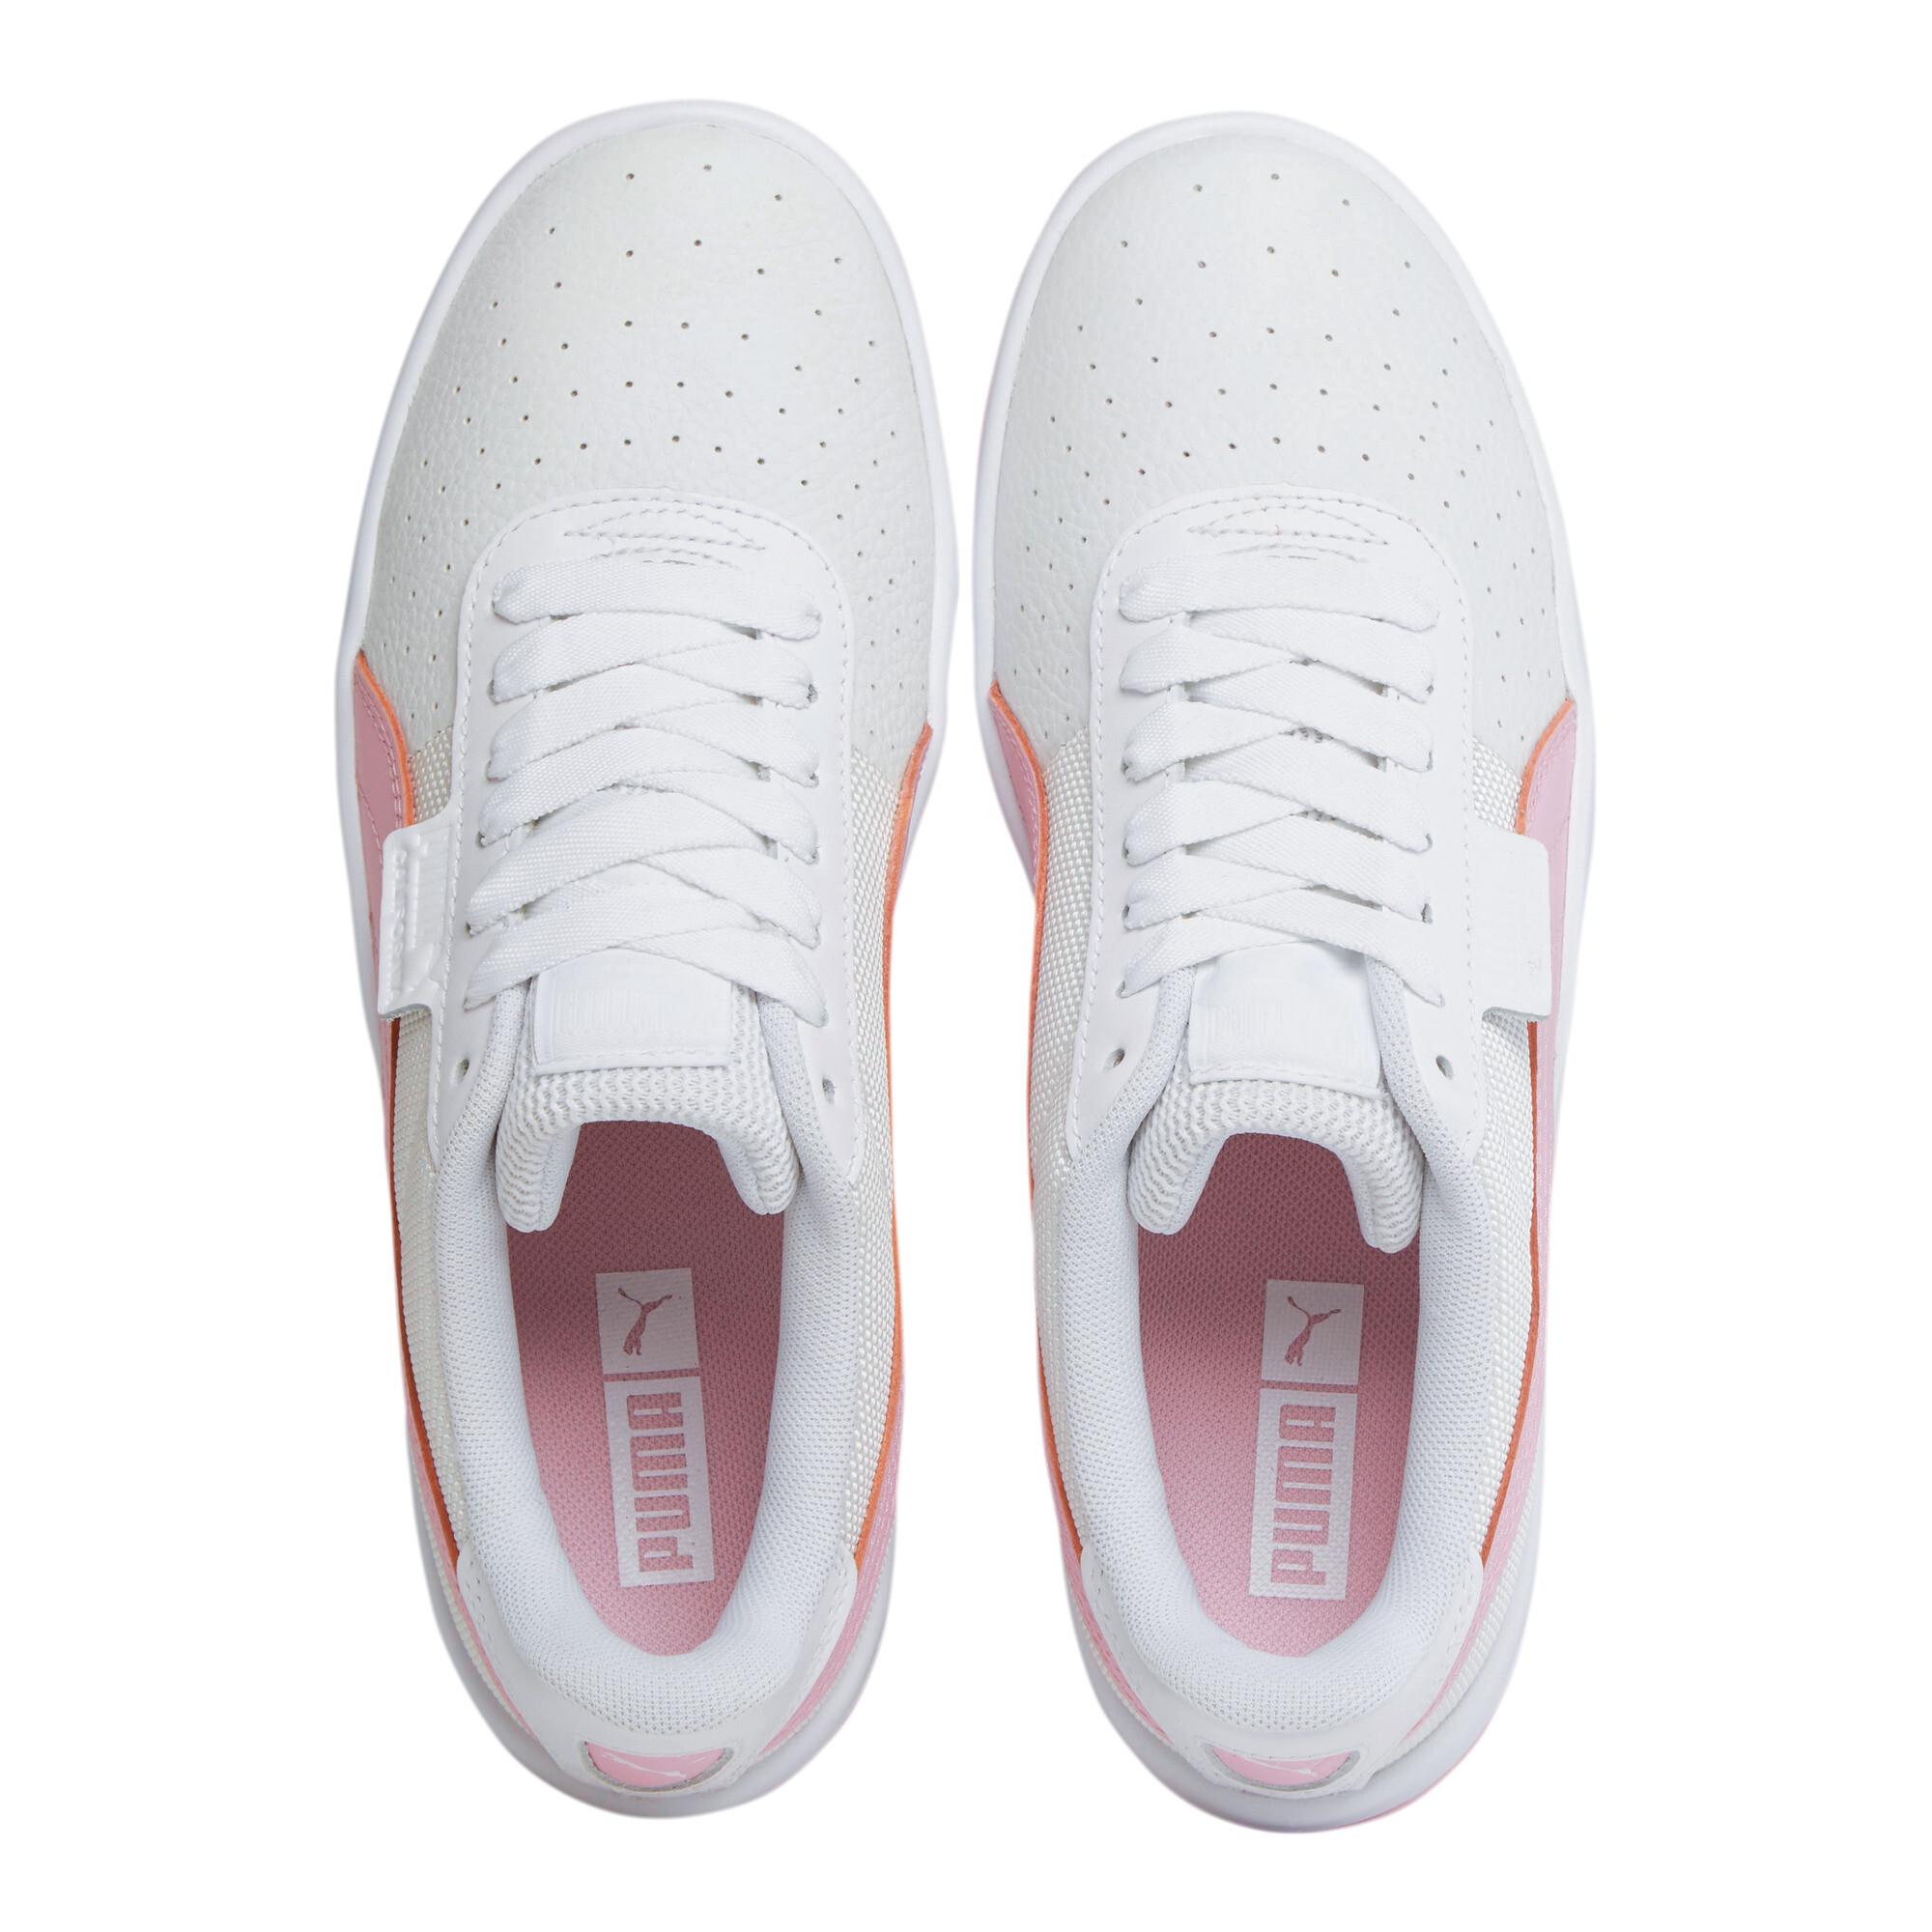 PUMA-California-Women-039-s-Sneakers-Women-Shoe-Sport-Classics thumbnail 7